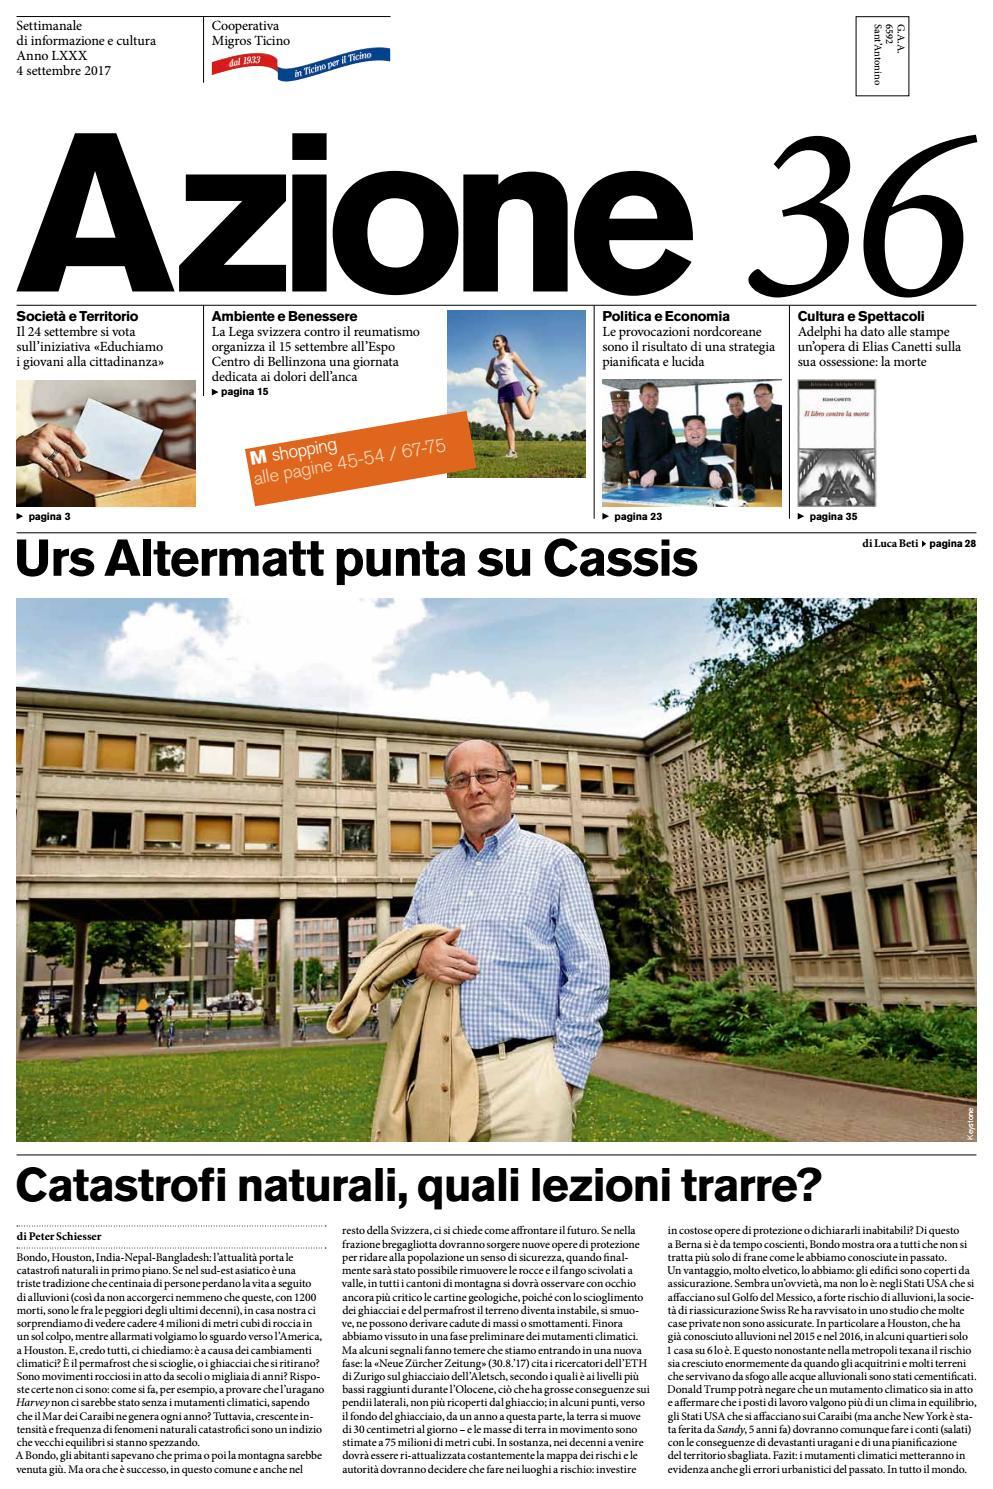 Rattan Di Russo Eugenio.Azione 36 Del 4 Settembre 2017 By Azione Settimanale Di Migros